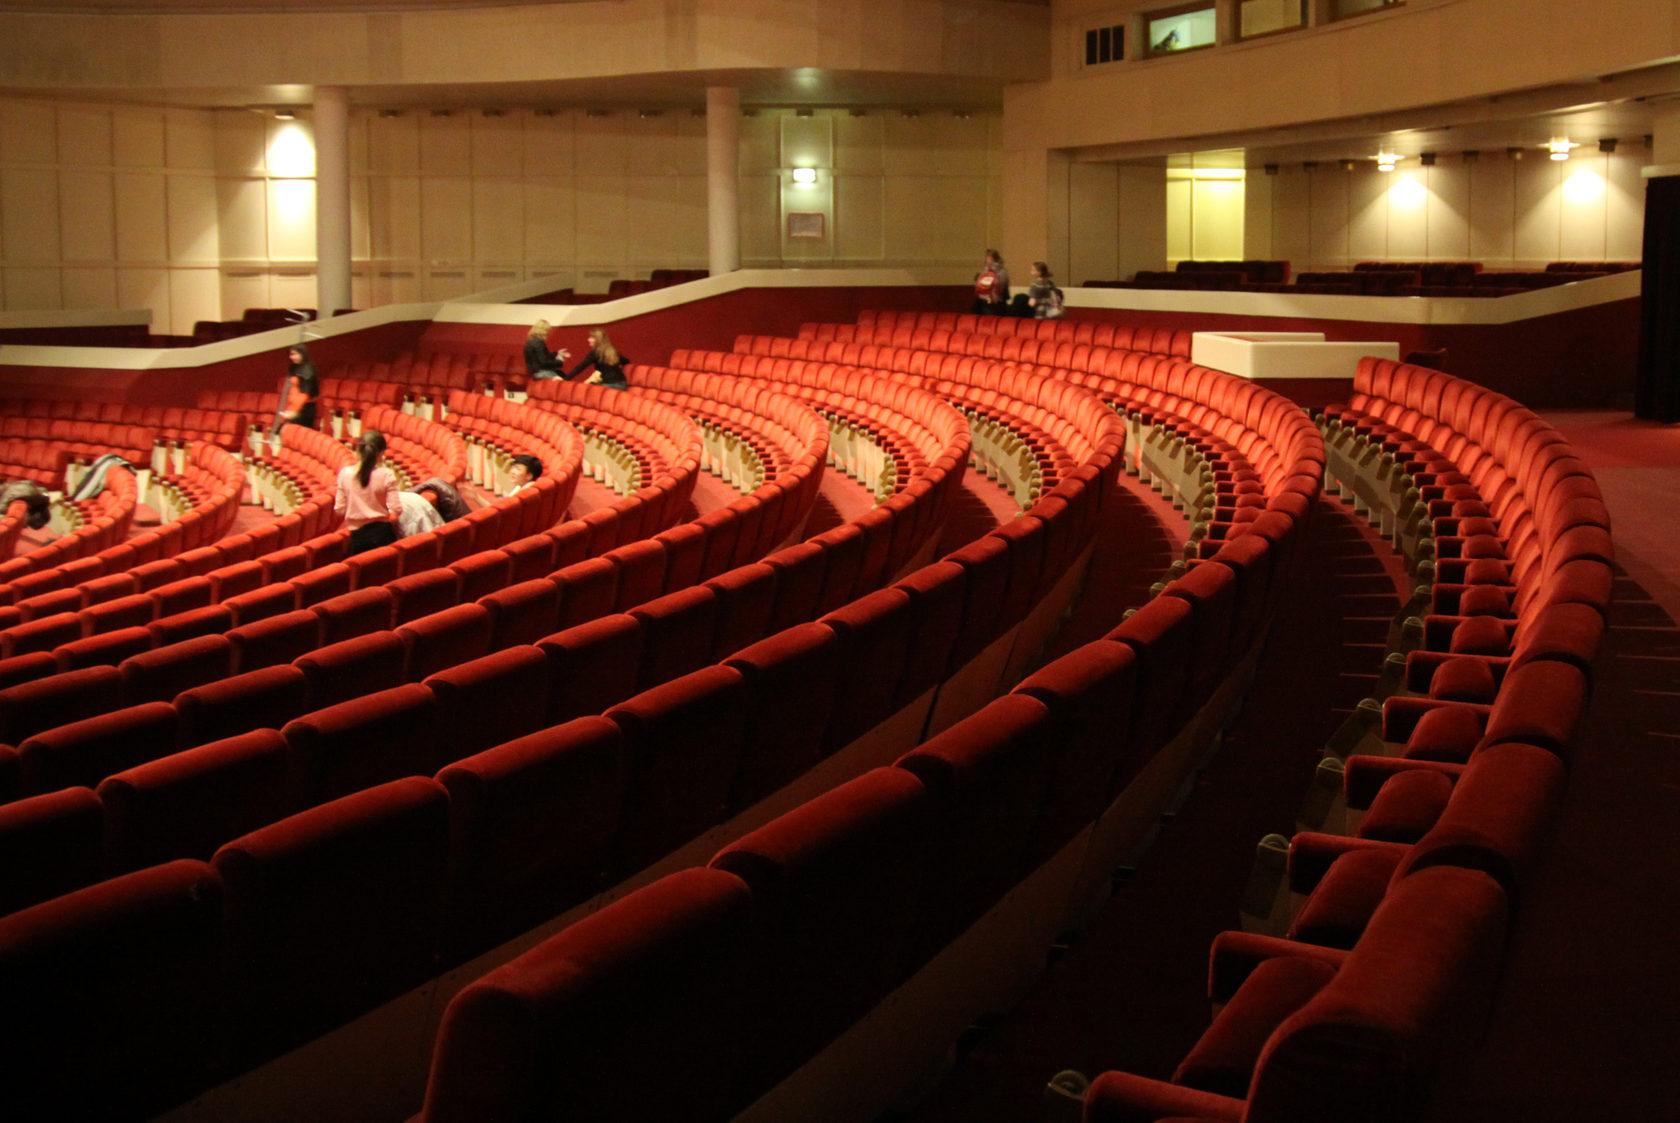 простой концертный зал санкт петербург фото отметить, что победители